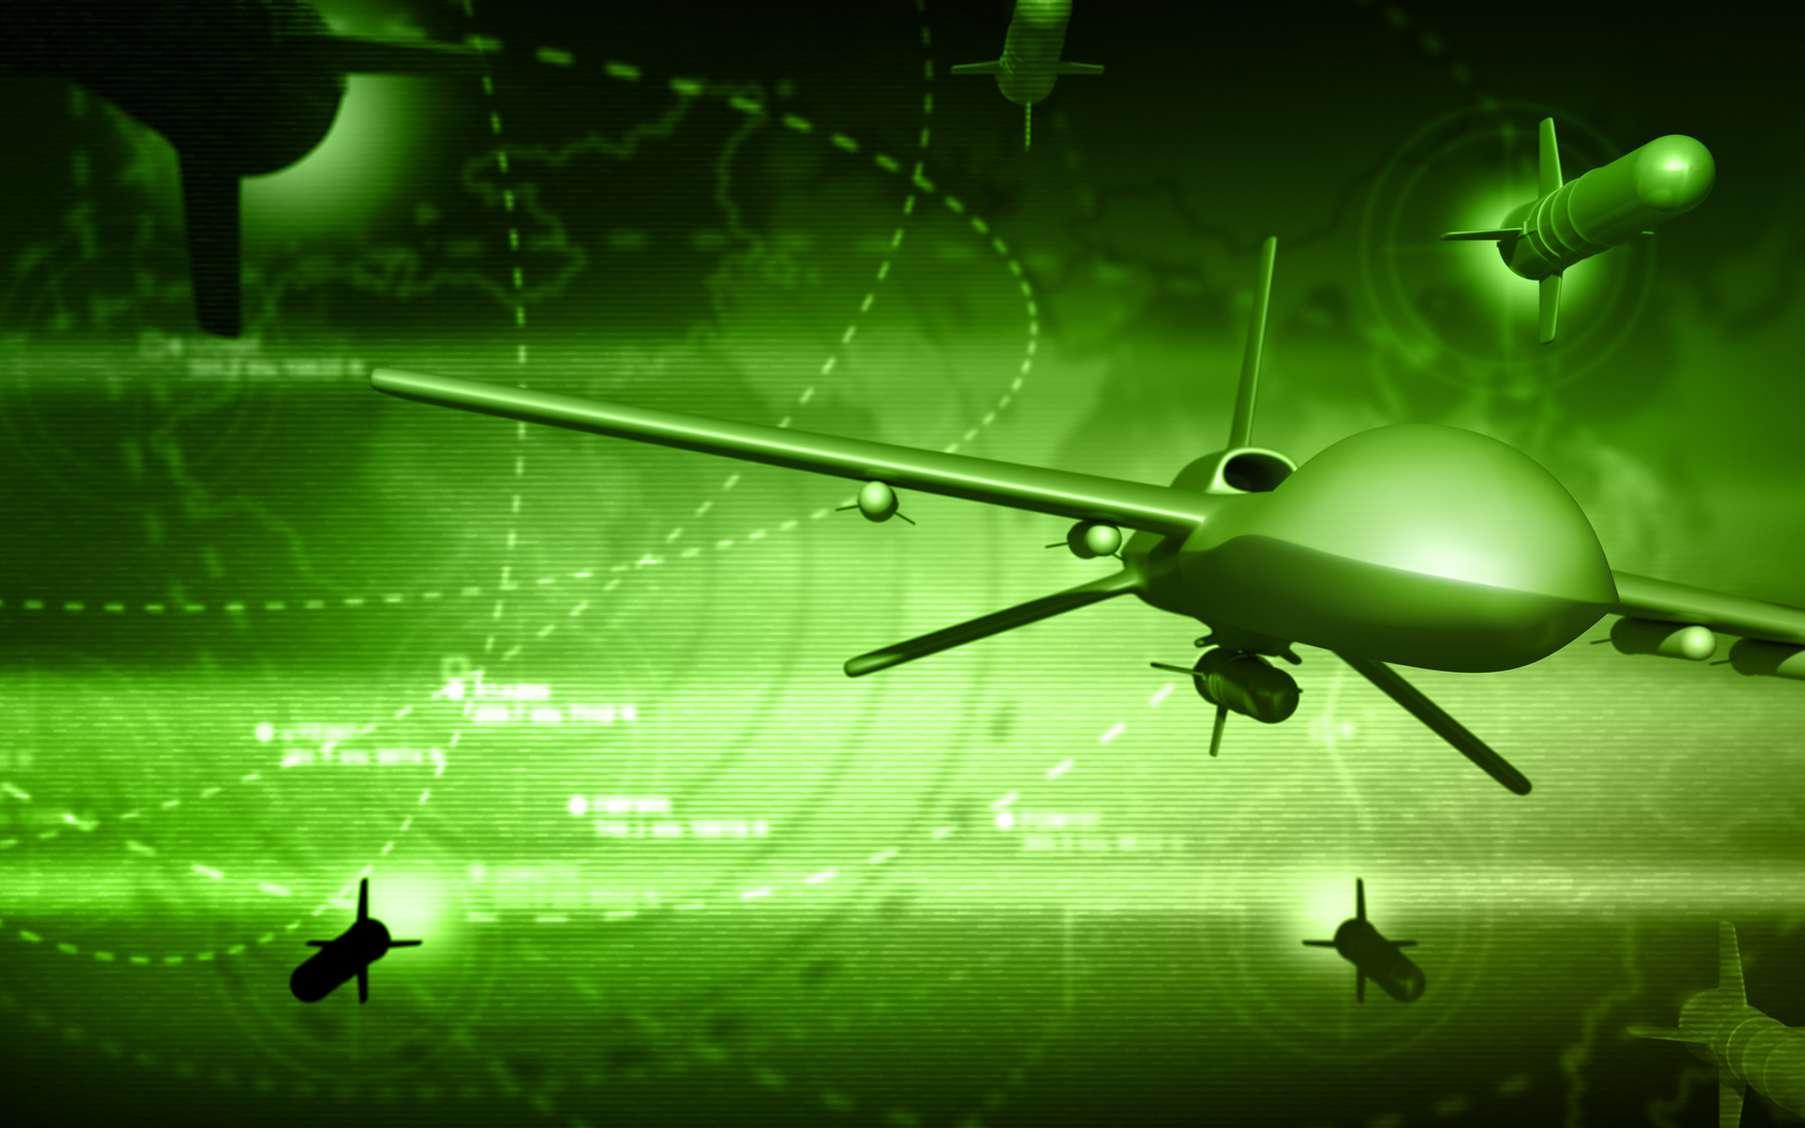 Un système de propulsion nucléaire intégré à des drones militaires conférerait un avantage stratégique majeur à la Chine. © Petrovich12, Fotolia